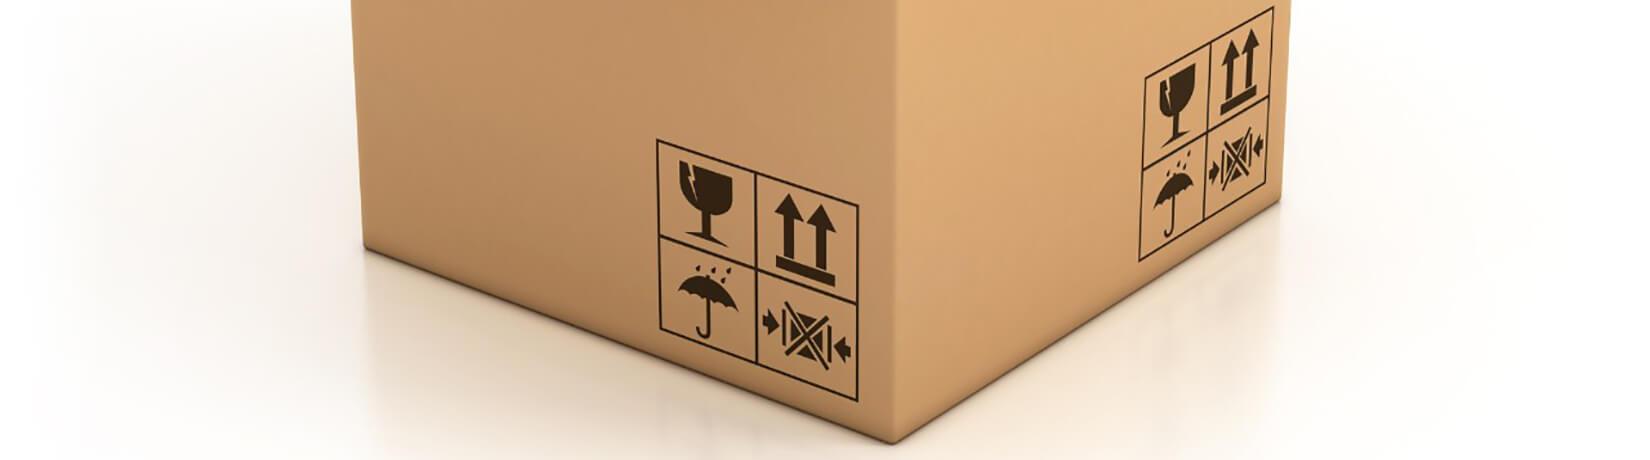 Значення маніпуляційних знаків на продукції Ameleda